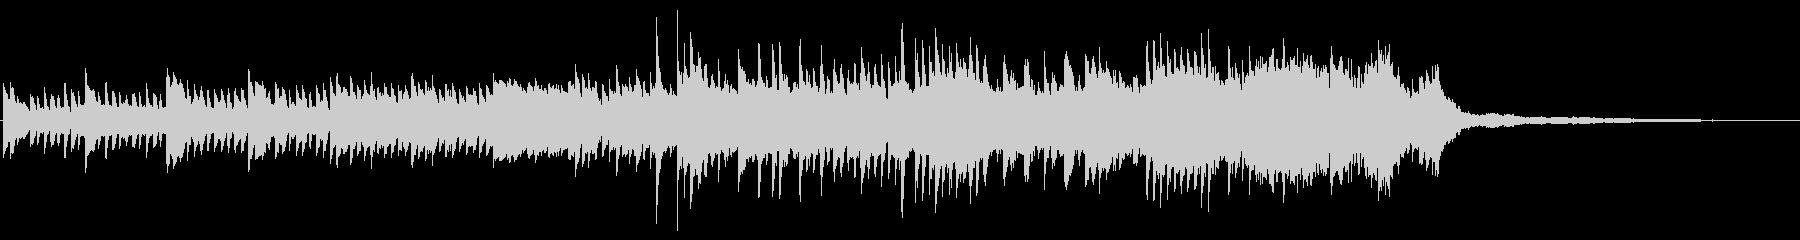 ピアノBGM60秒-ウエディングの未再生の波形